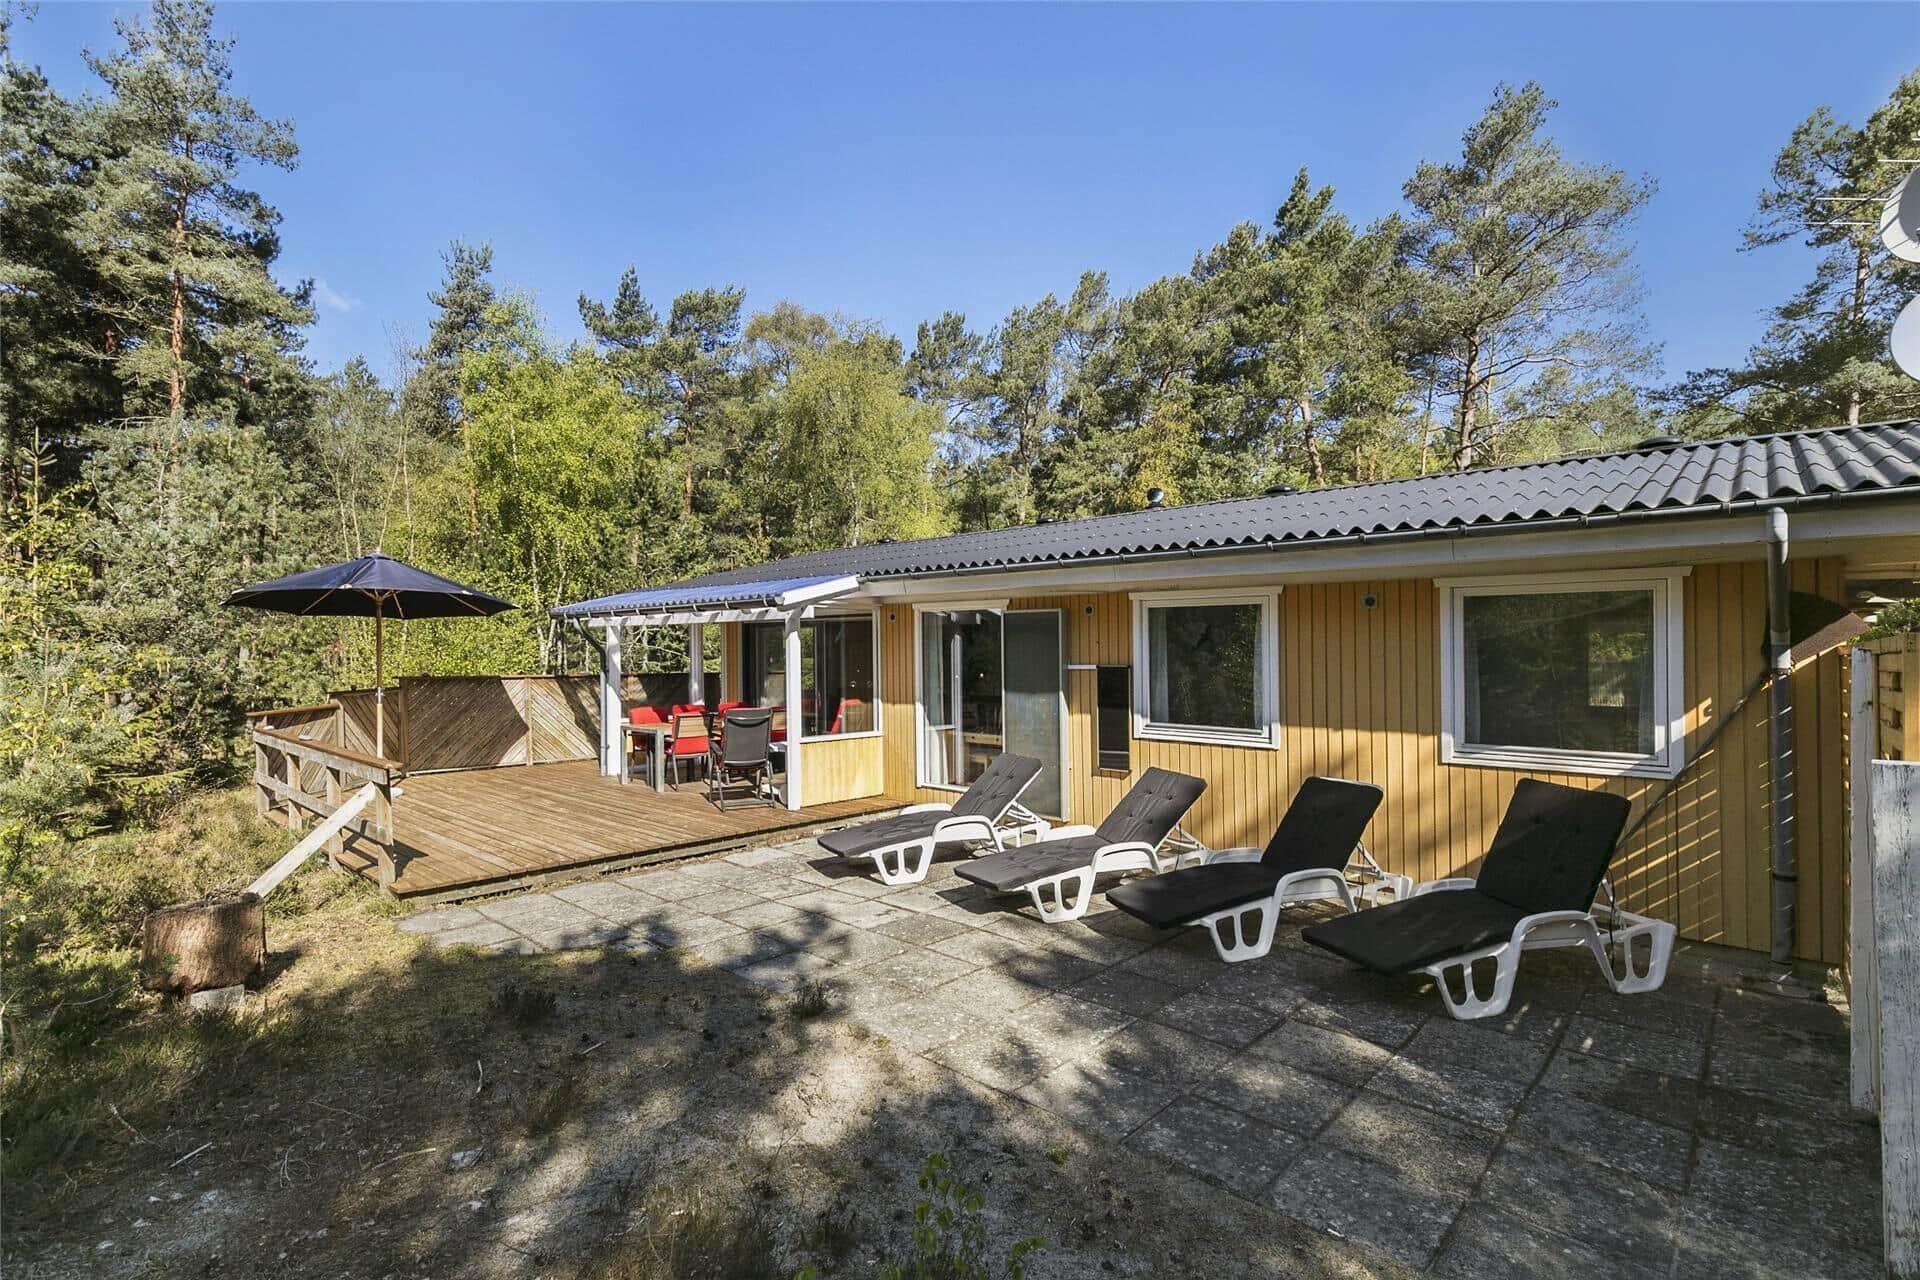 Billede 1-10 Sommerhus 2632, Egernvej 7, DK - 3730 Nexø